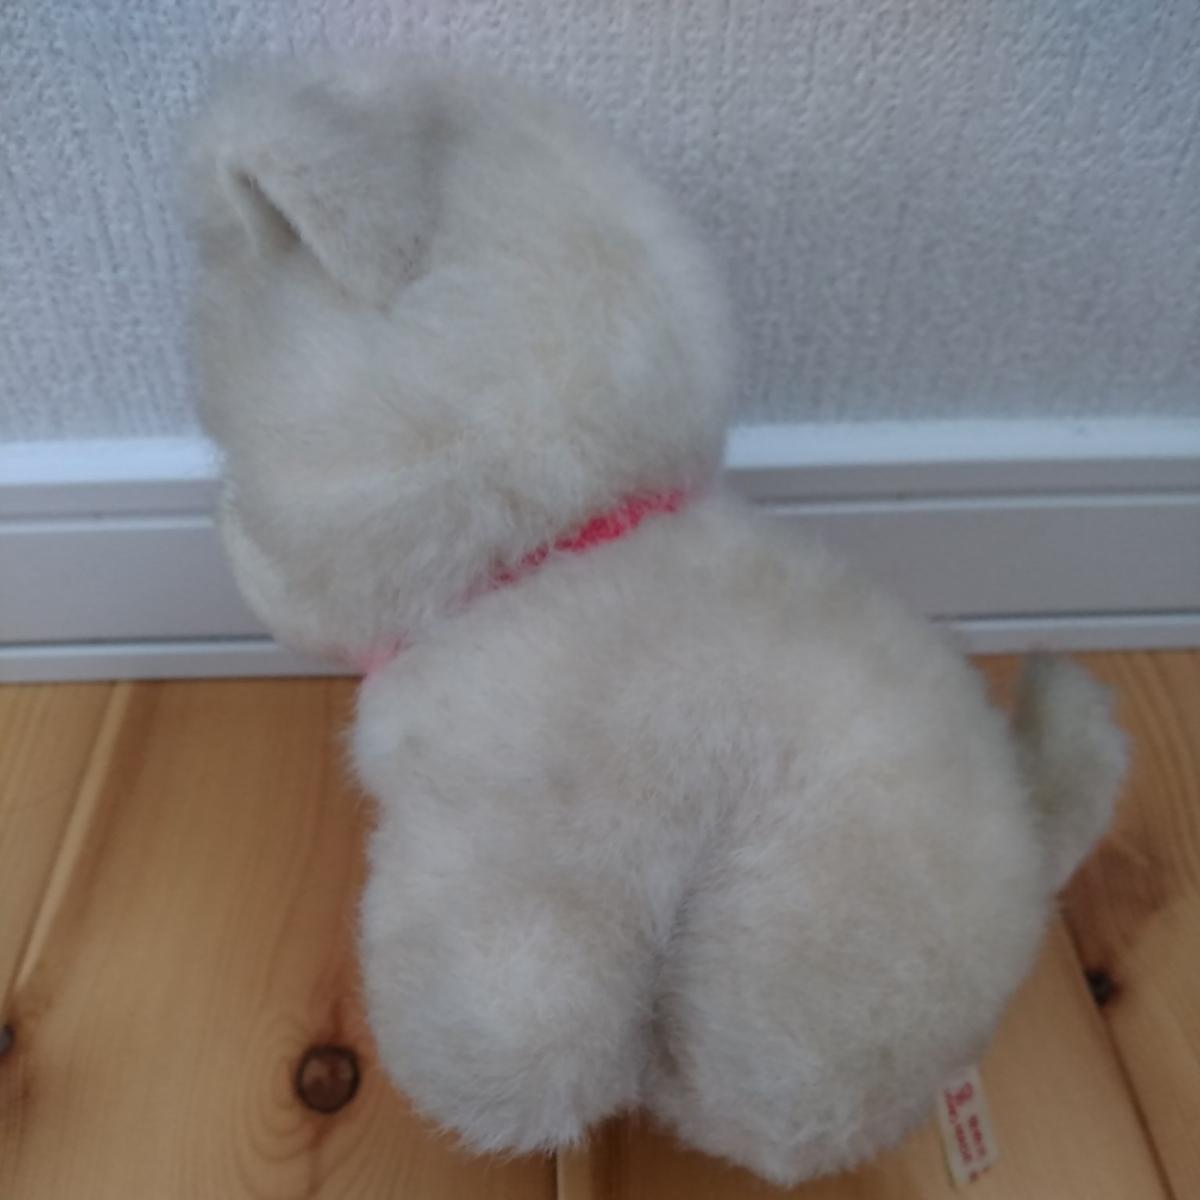 昭和 レトロ ぬいぐるみ 人形 サンリオ キャラクター 犬 イヌ 動物 当時物 検索 キキララ キティ マイメロ コレクター _画像2